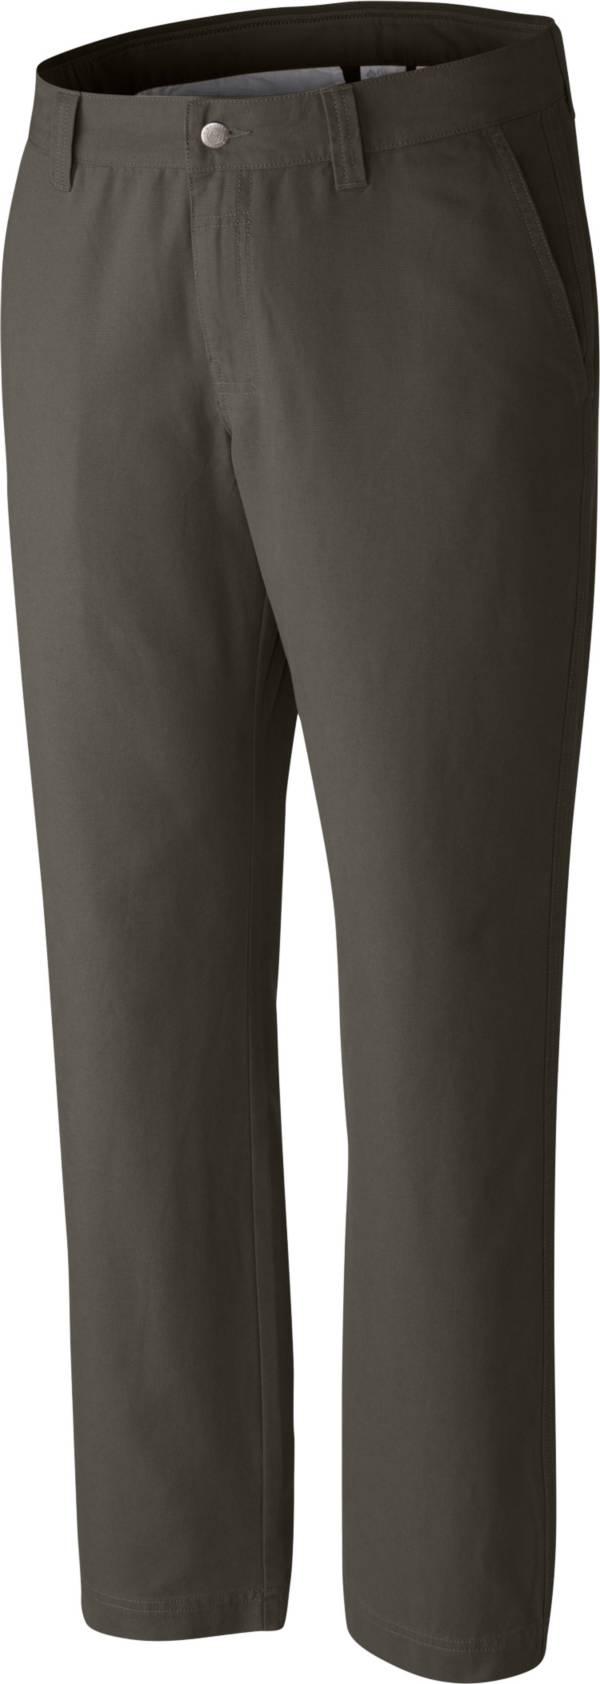 Columbia Men's Roc II Pants product image